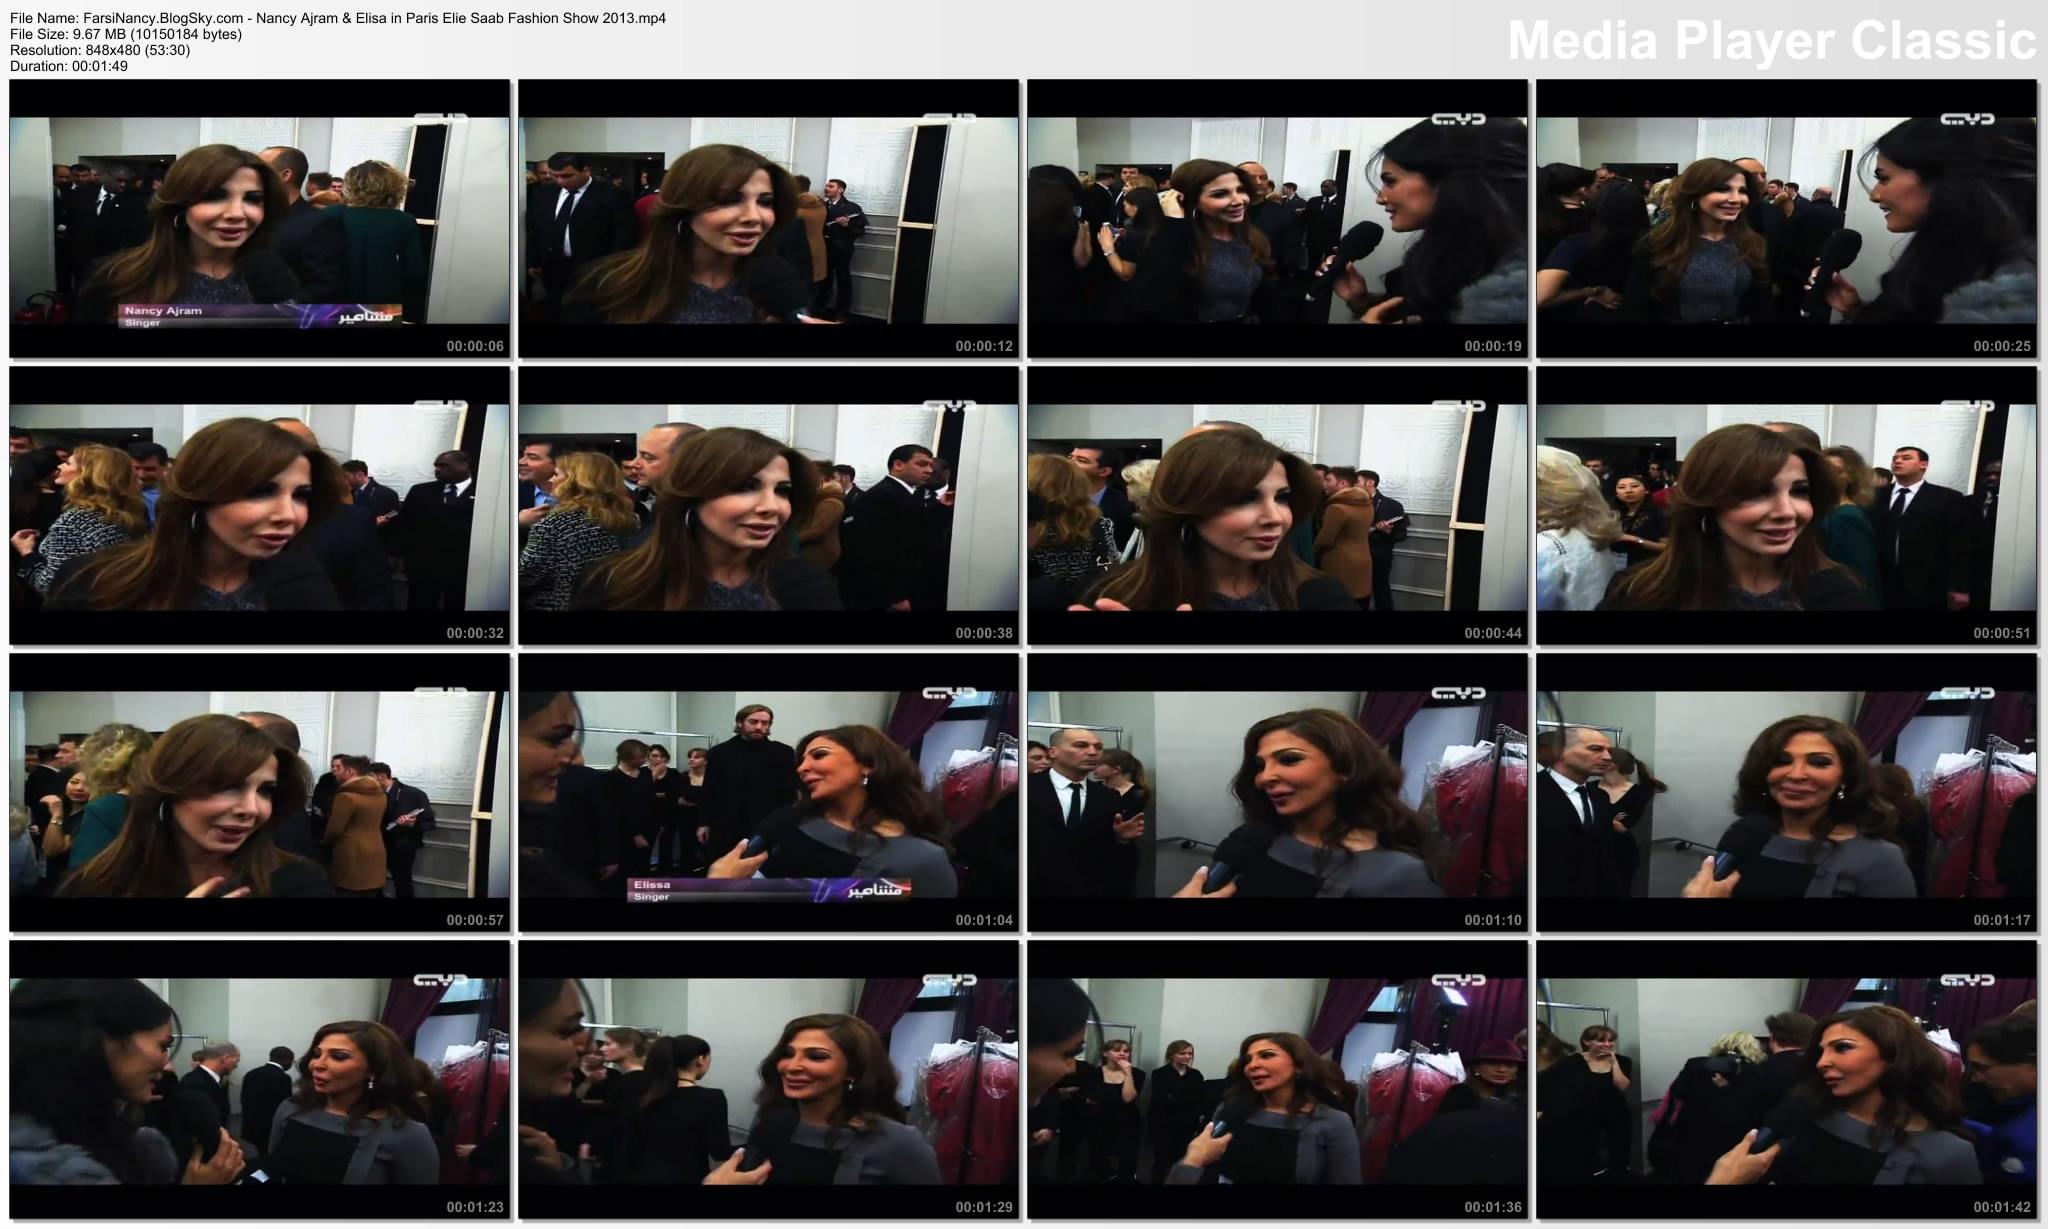 دانلود ویدیو مصاحبه ی نانسی عجرم در شو لباس Nancy Ajram & Elisa in Paris Elie Saab Fashion Show 2013